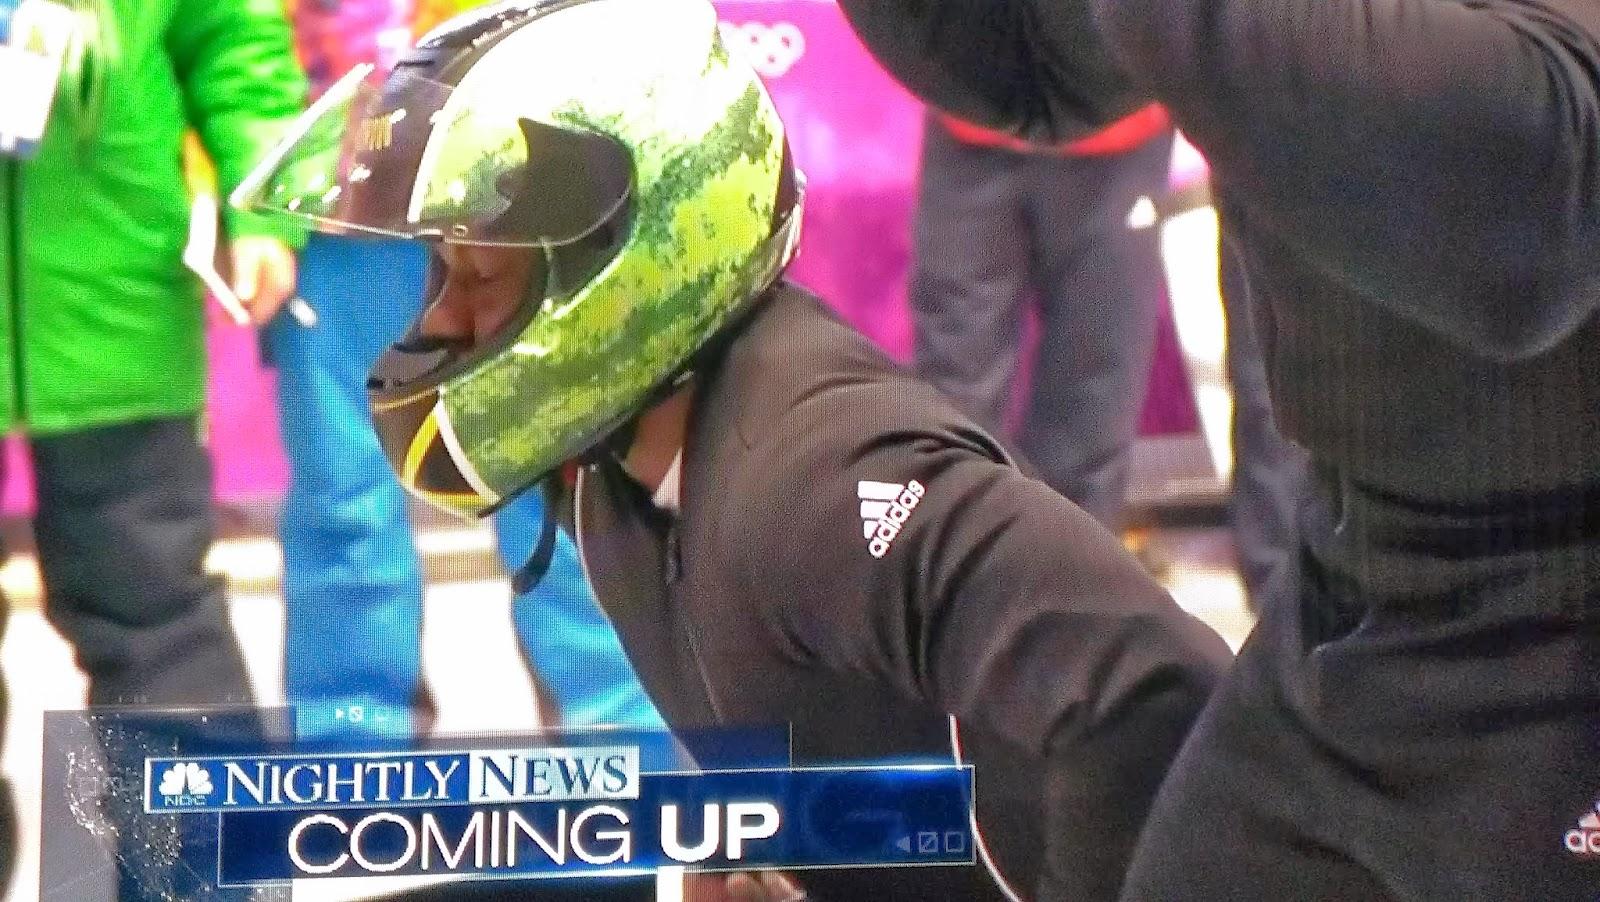 Juegos Olímpicos de Invierno de 2014 Jamaica bobsled equipo golpea la pista de Sochi con nueva banda sonora - CBS News